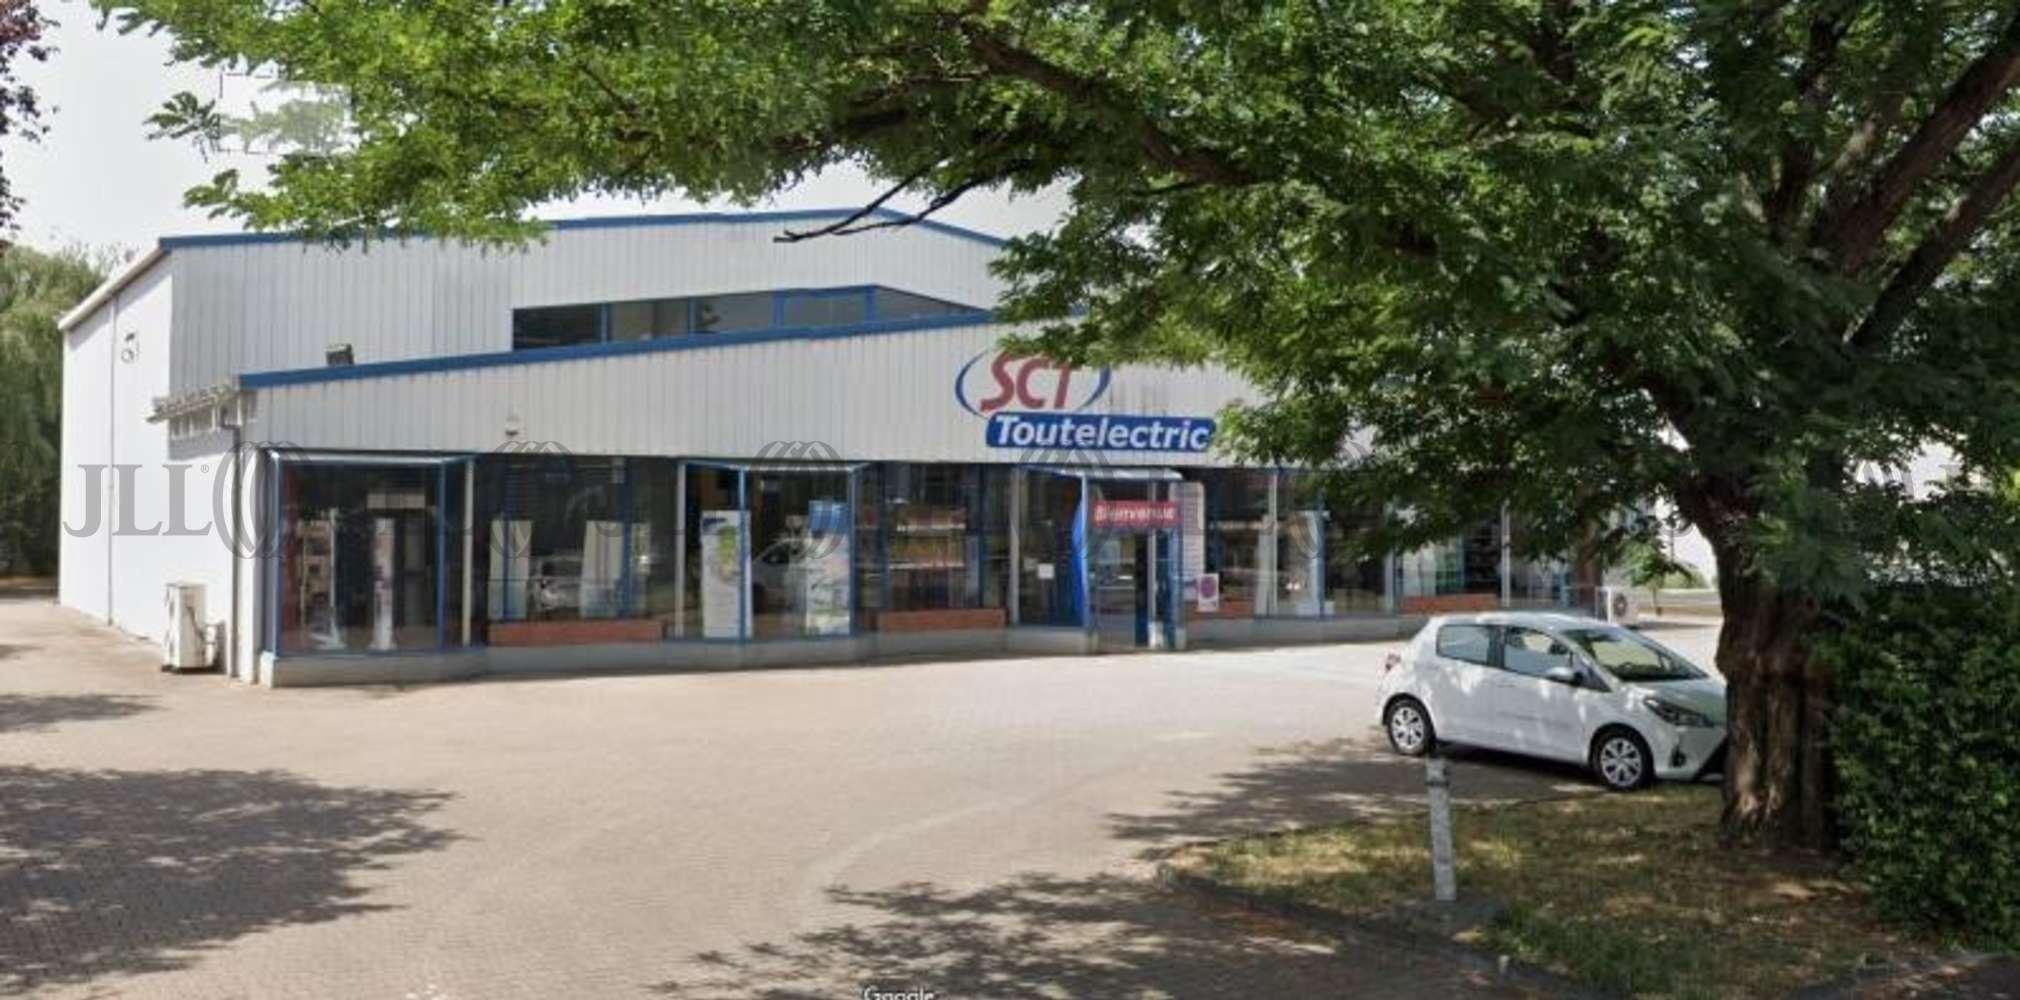 Activités/entrepôt Clermont ferrand, 63100